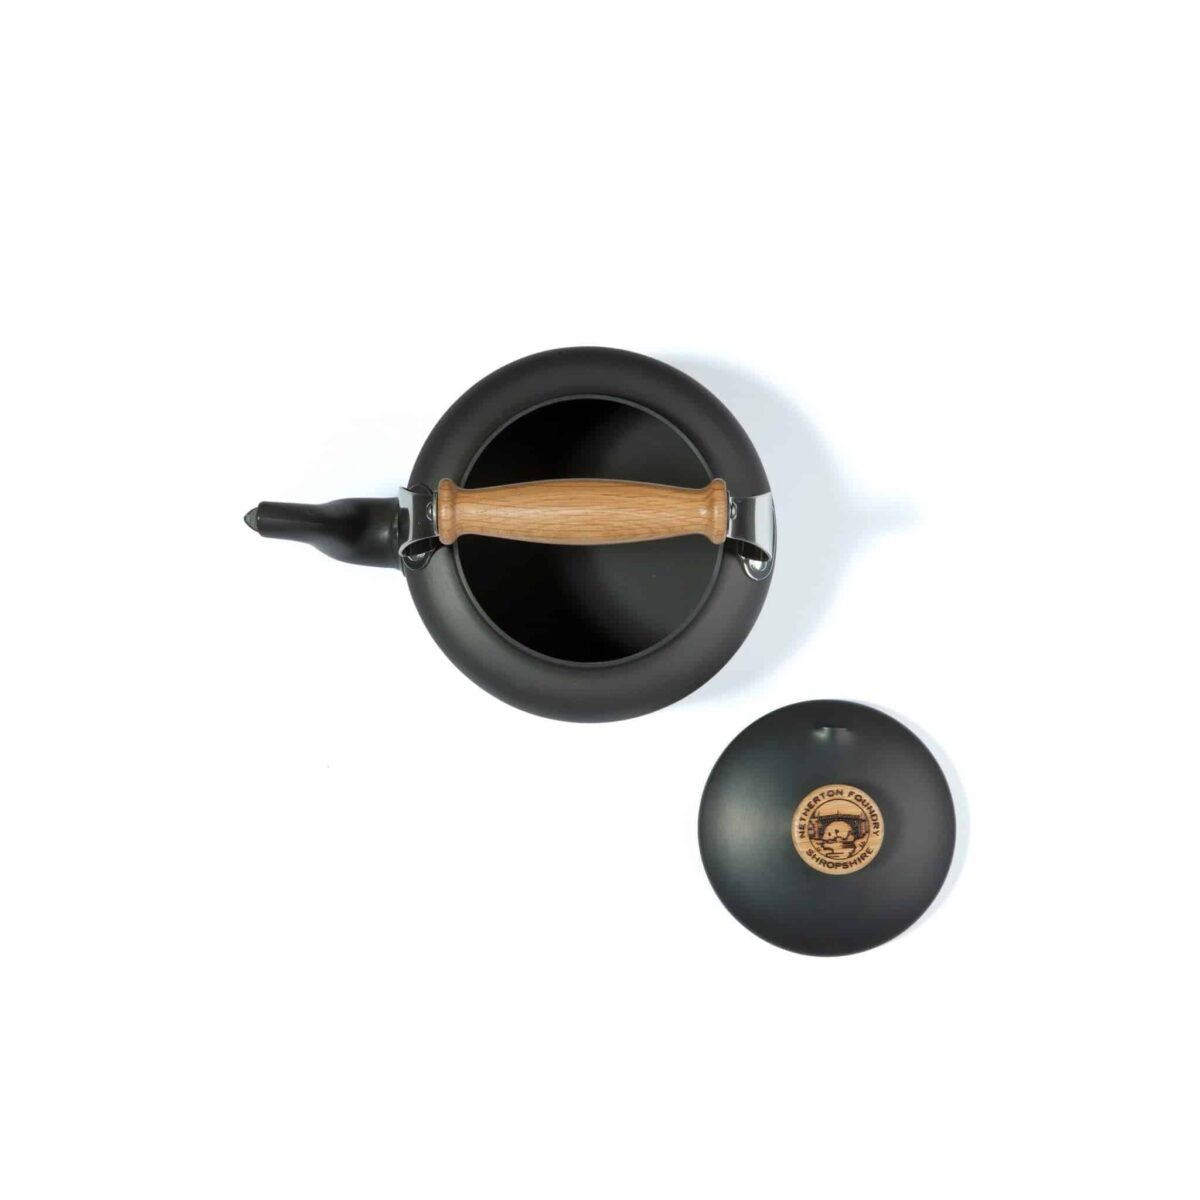 Netherton-kettle-castiron-005